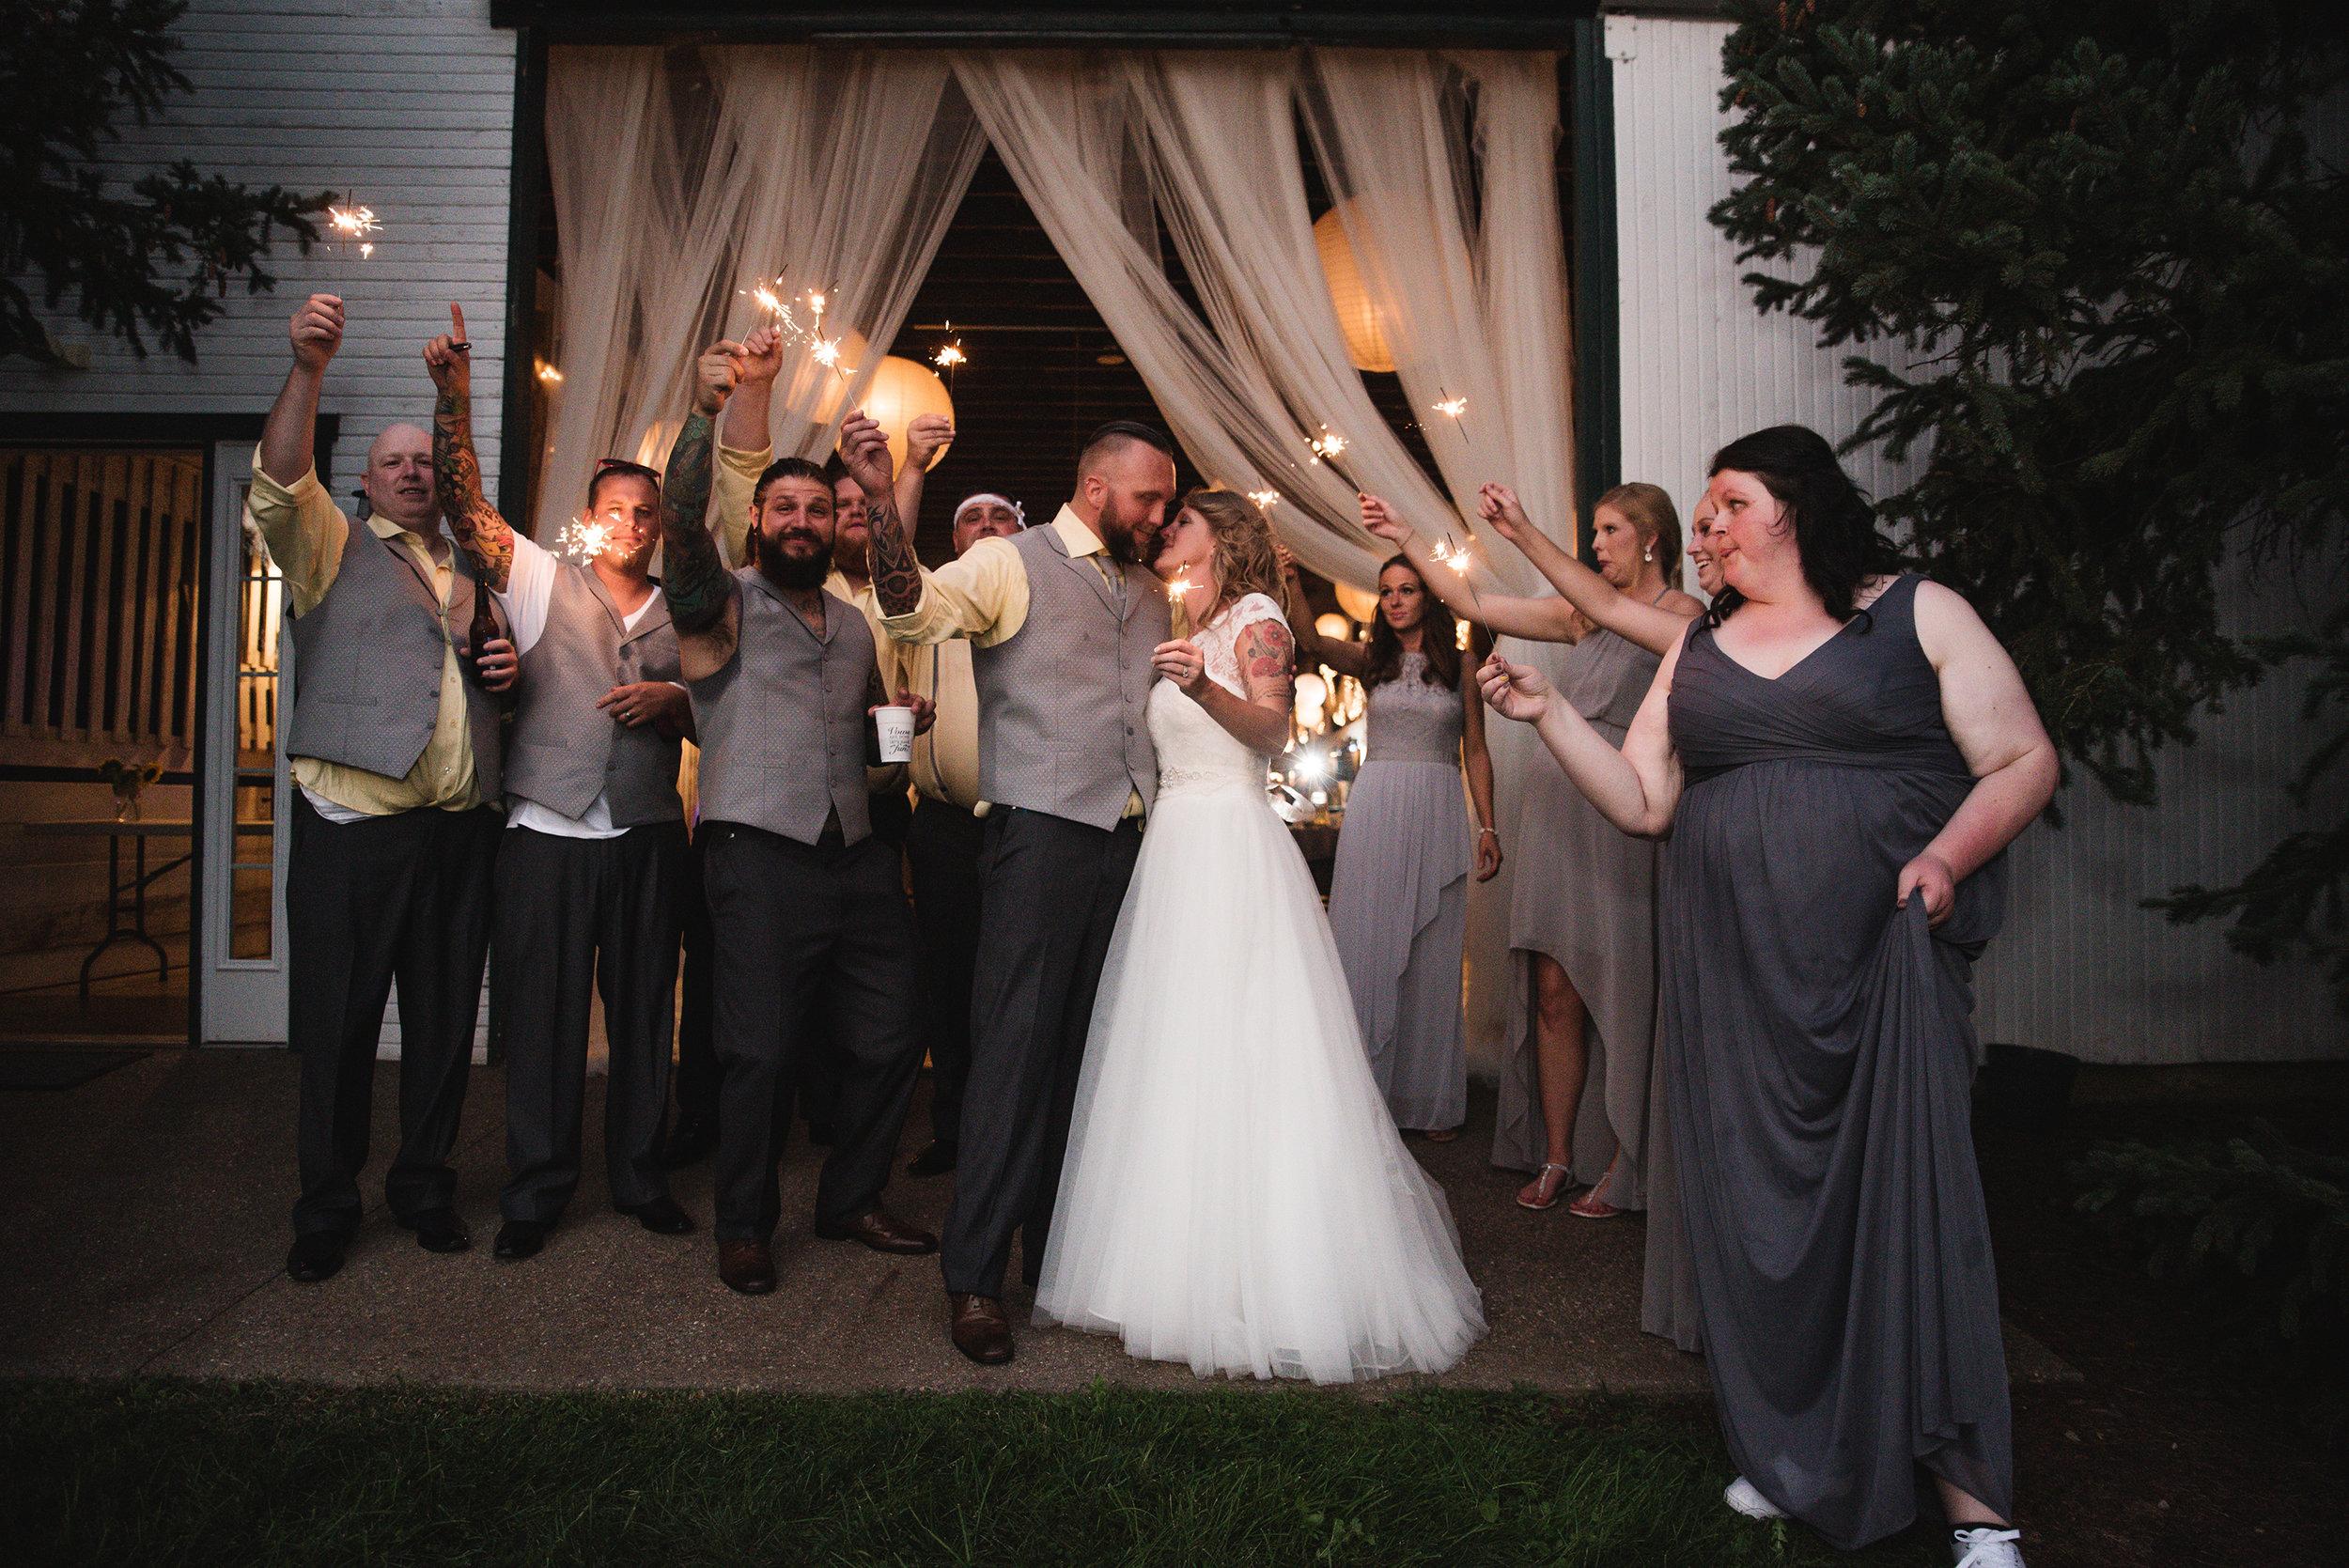 Sparkler exit wedding day photos